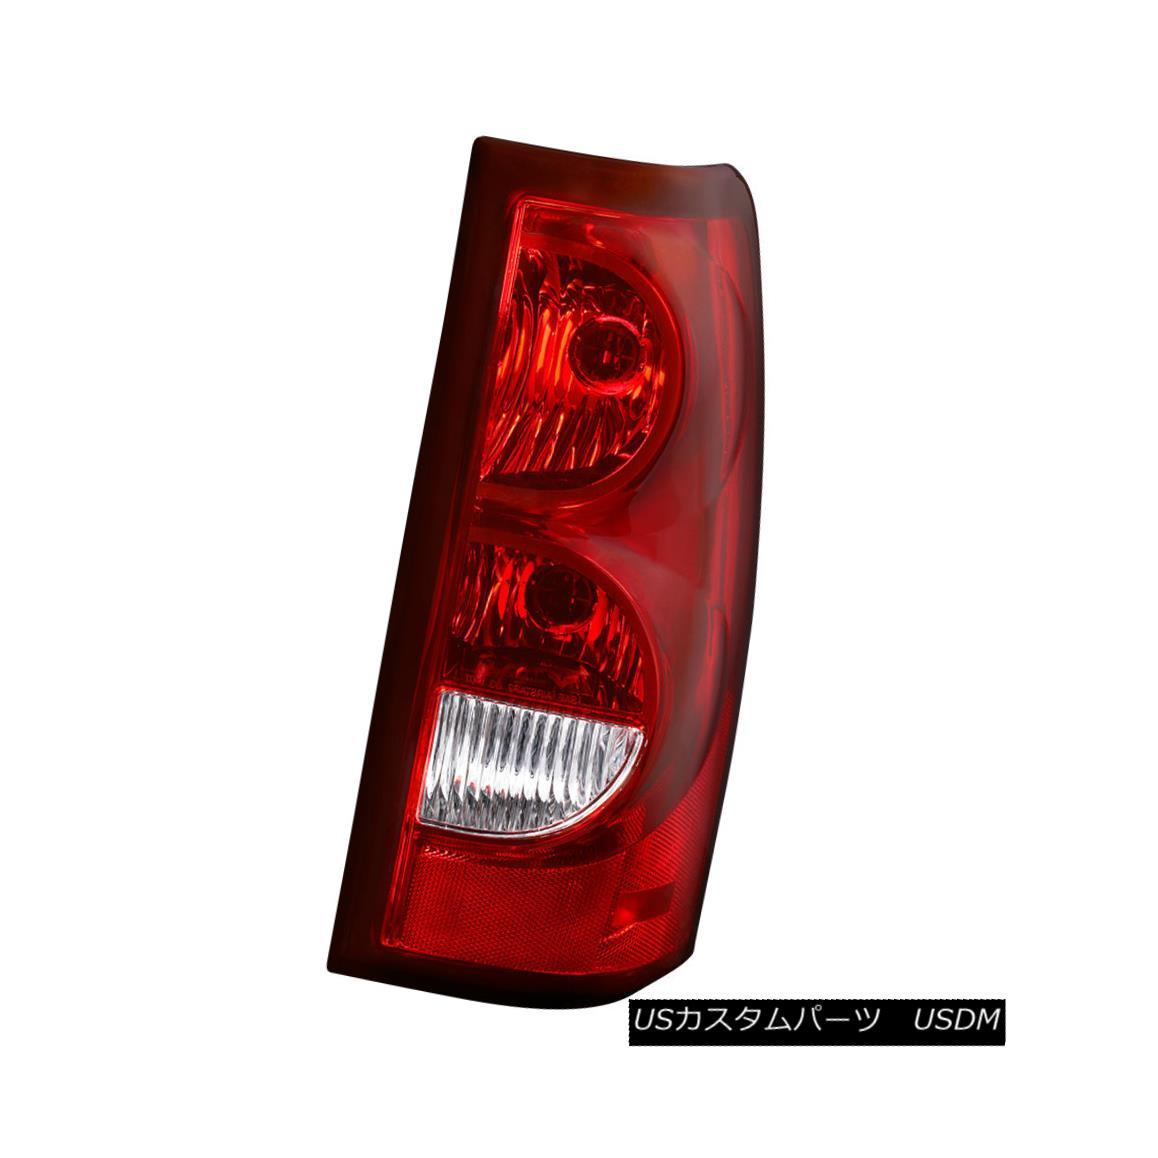 テールライト Chevy 03-06 Silverado 07 Classic Replacement Tail Light Right / Passenger Side シボレー03-06シルバラード07クラシック交換テールライト右/乗客側